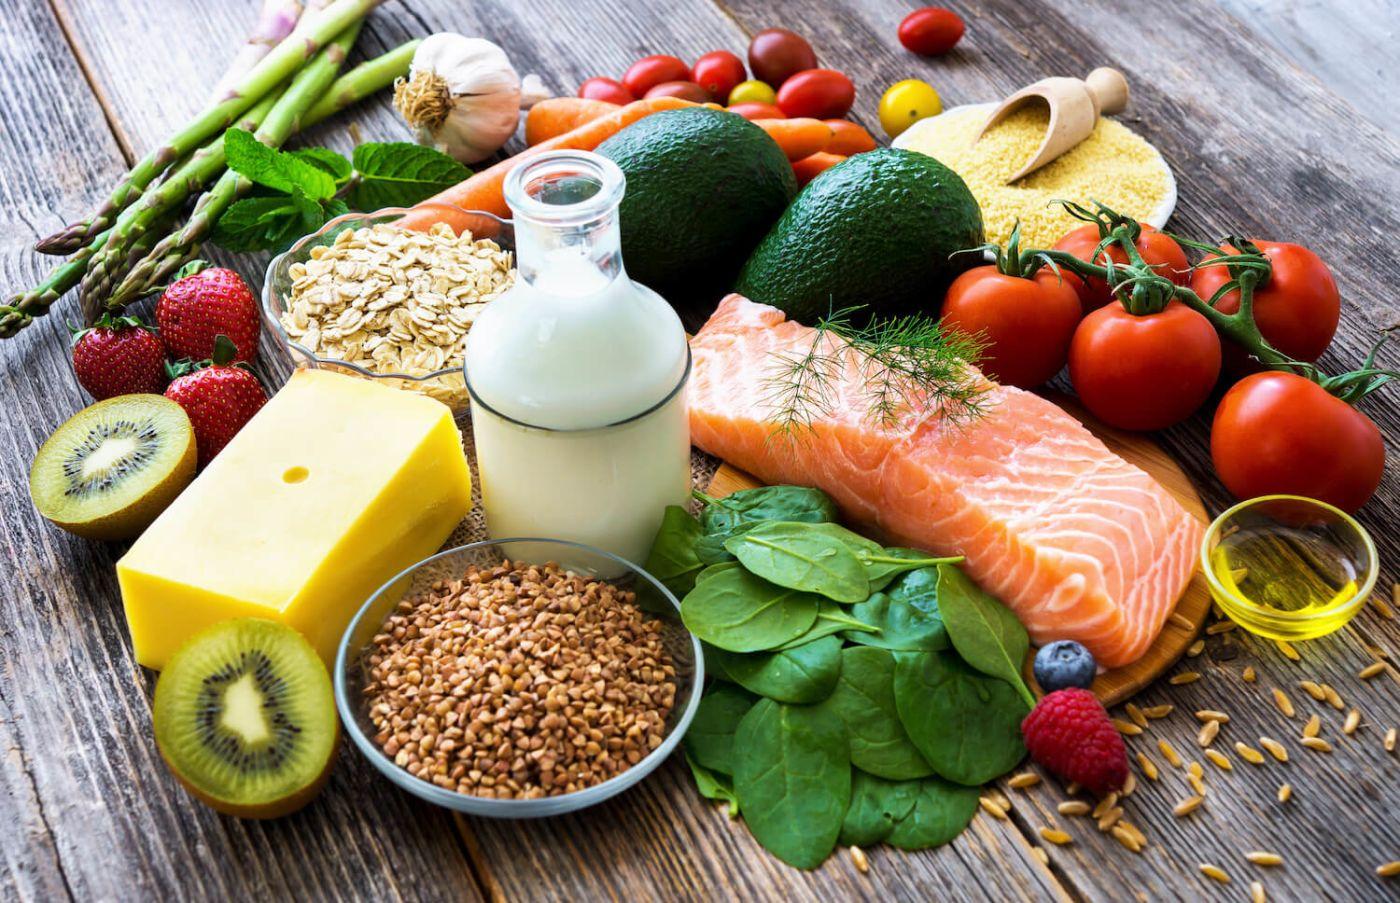 Food Trends 2021, Öko, Nachhaltigkeit, Bio